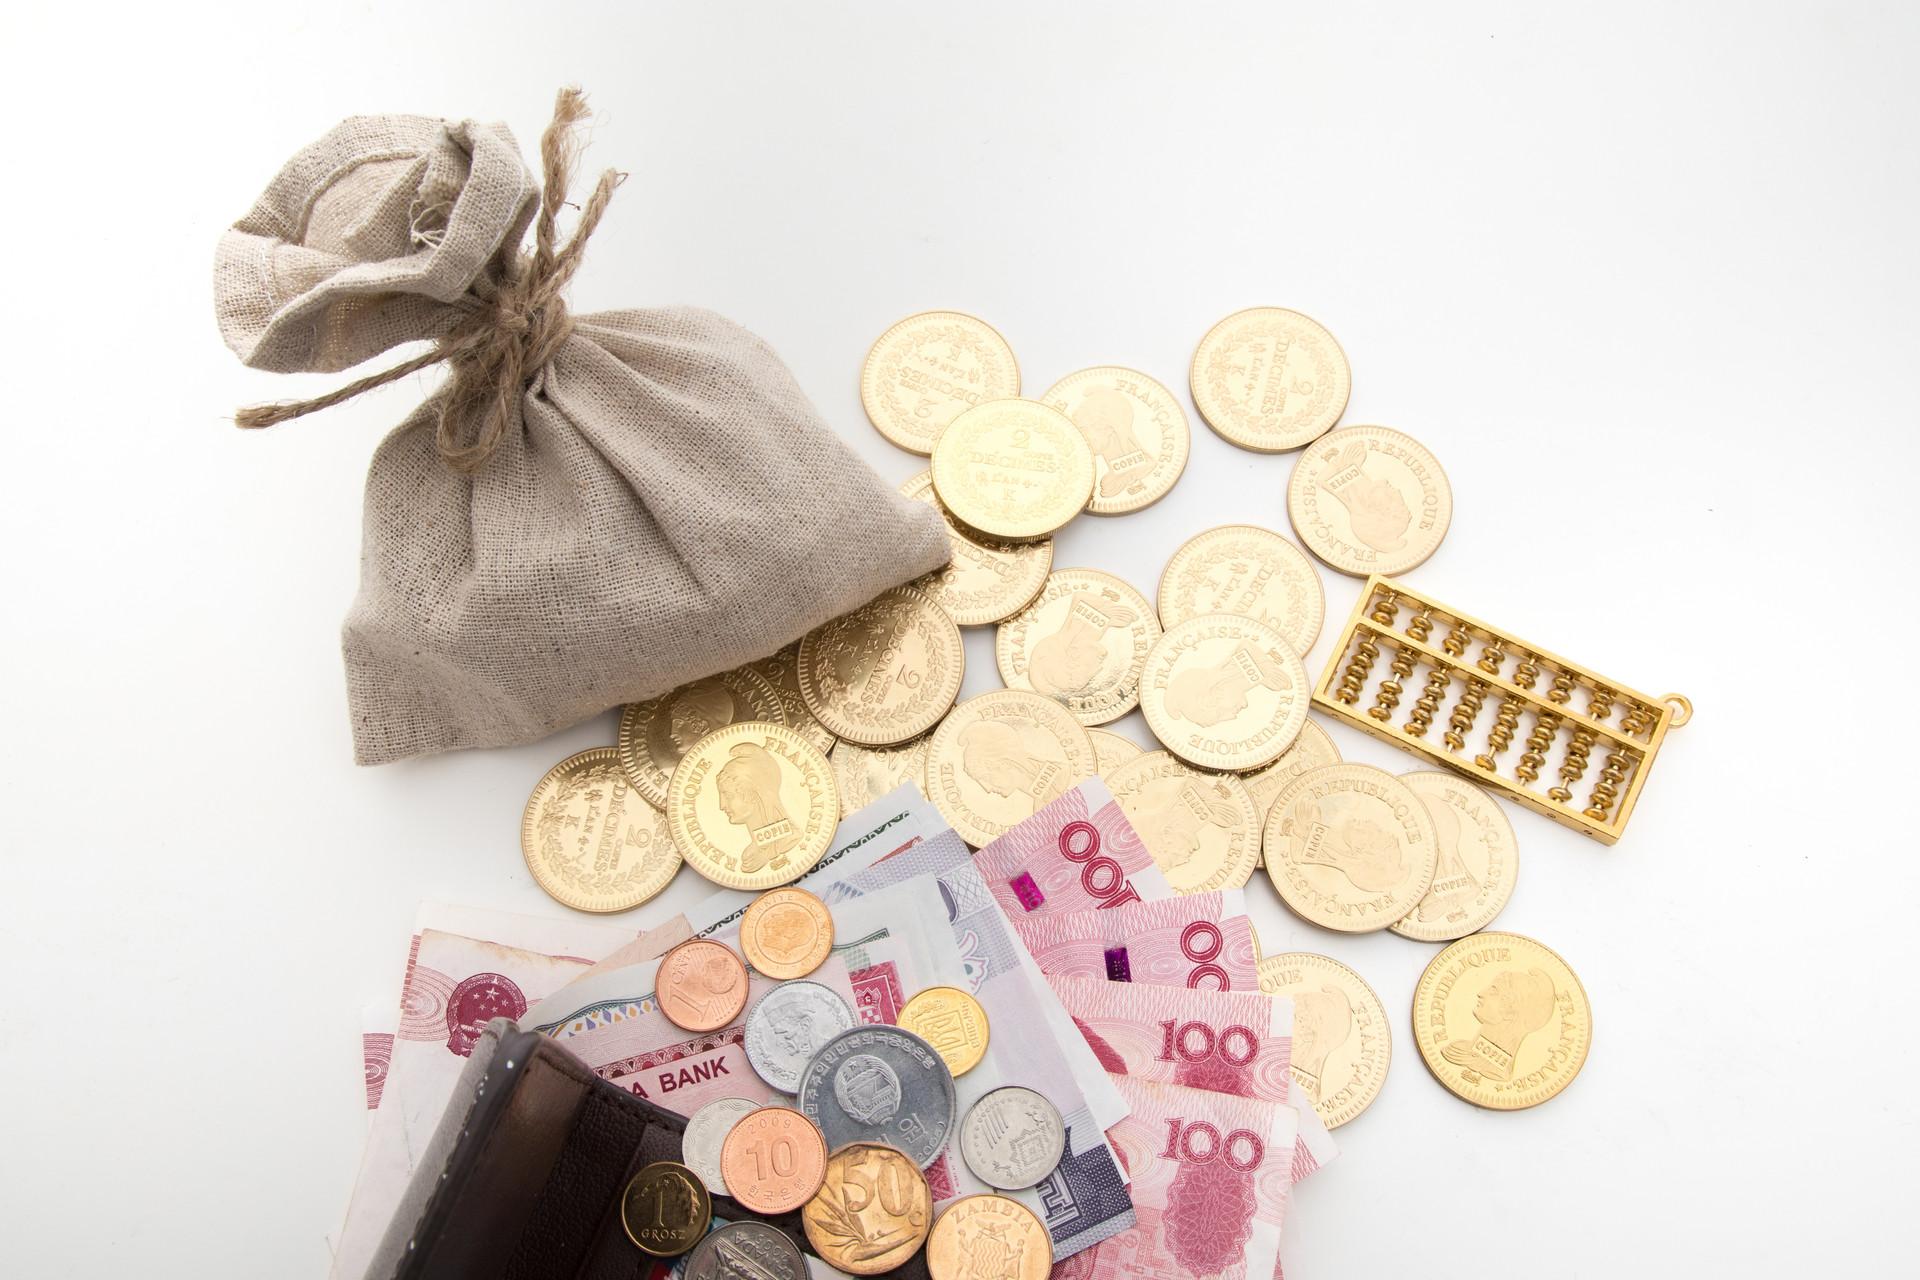 沈阳代发薪资公司哪家费用最低